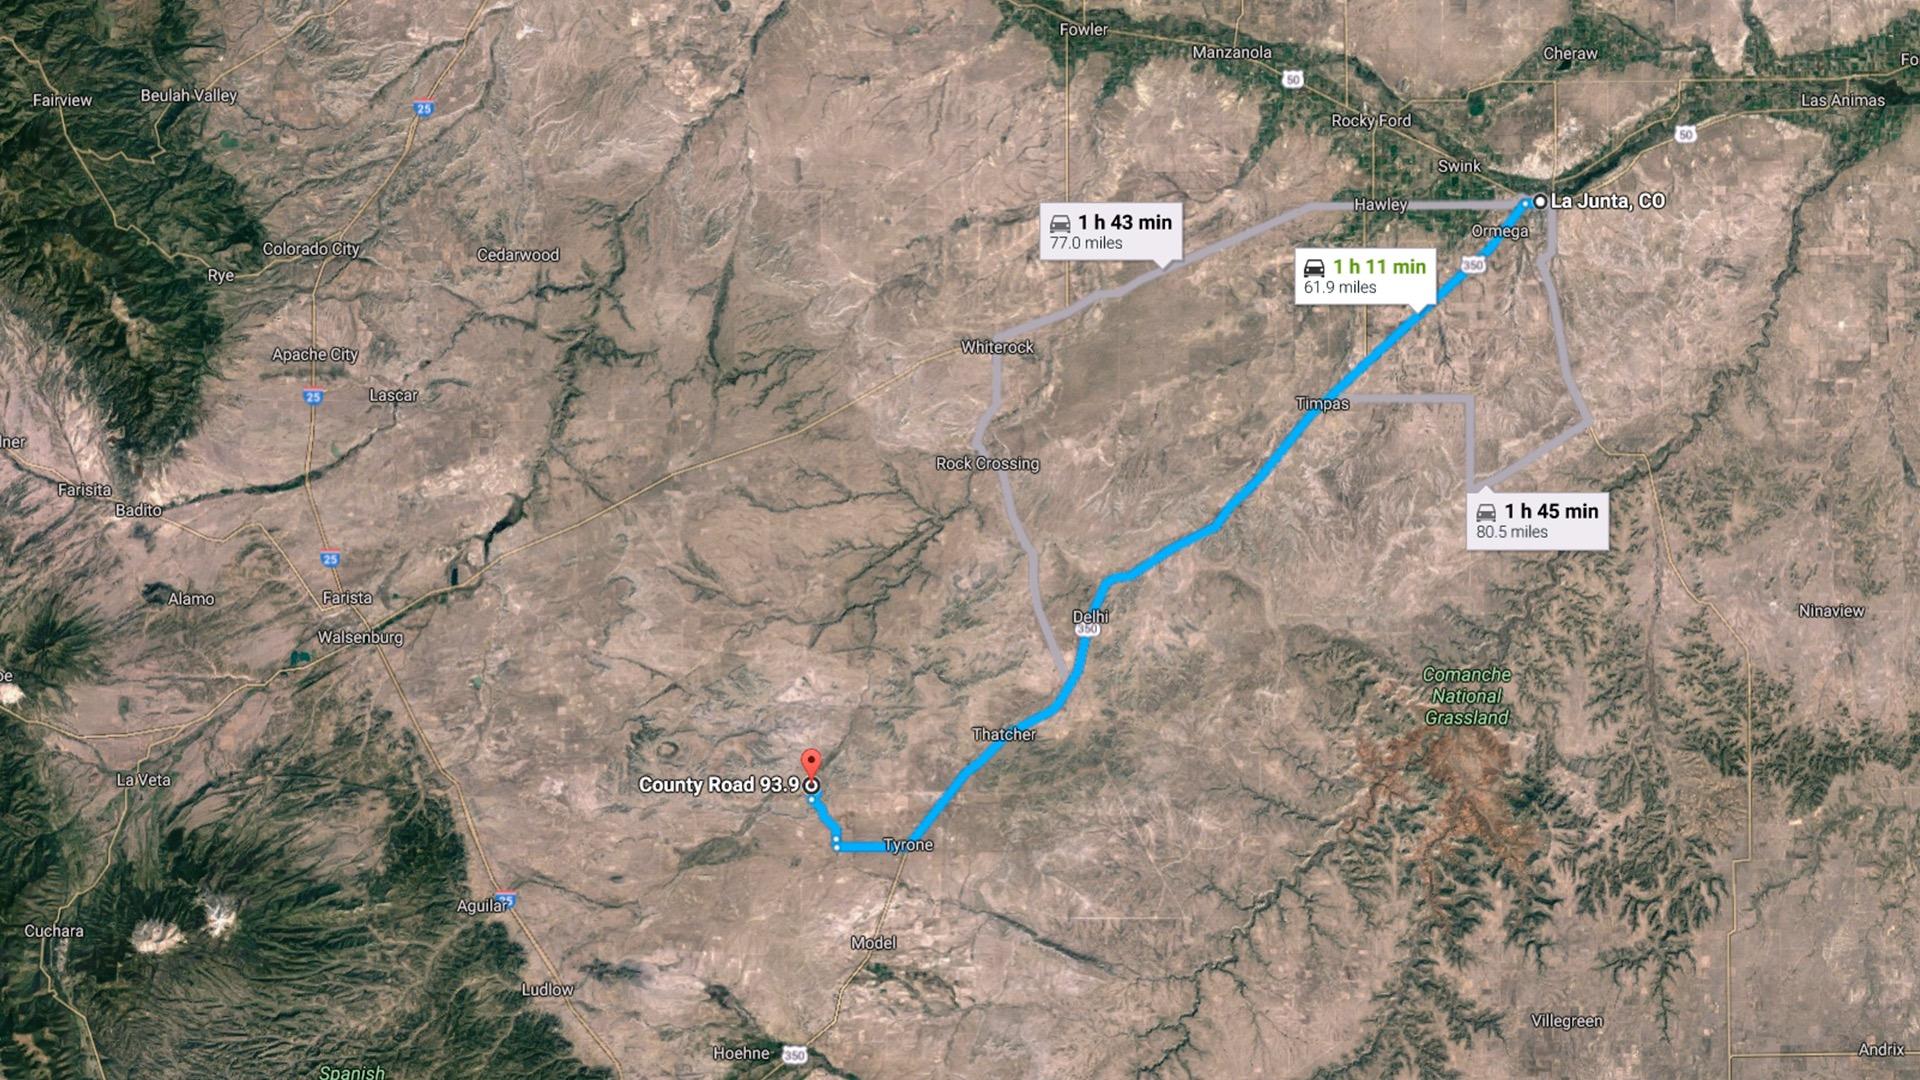 62 miles to La Junta